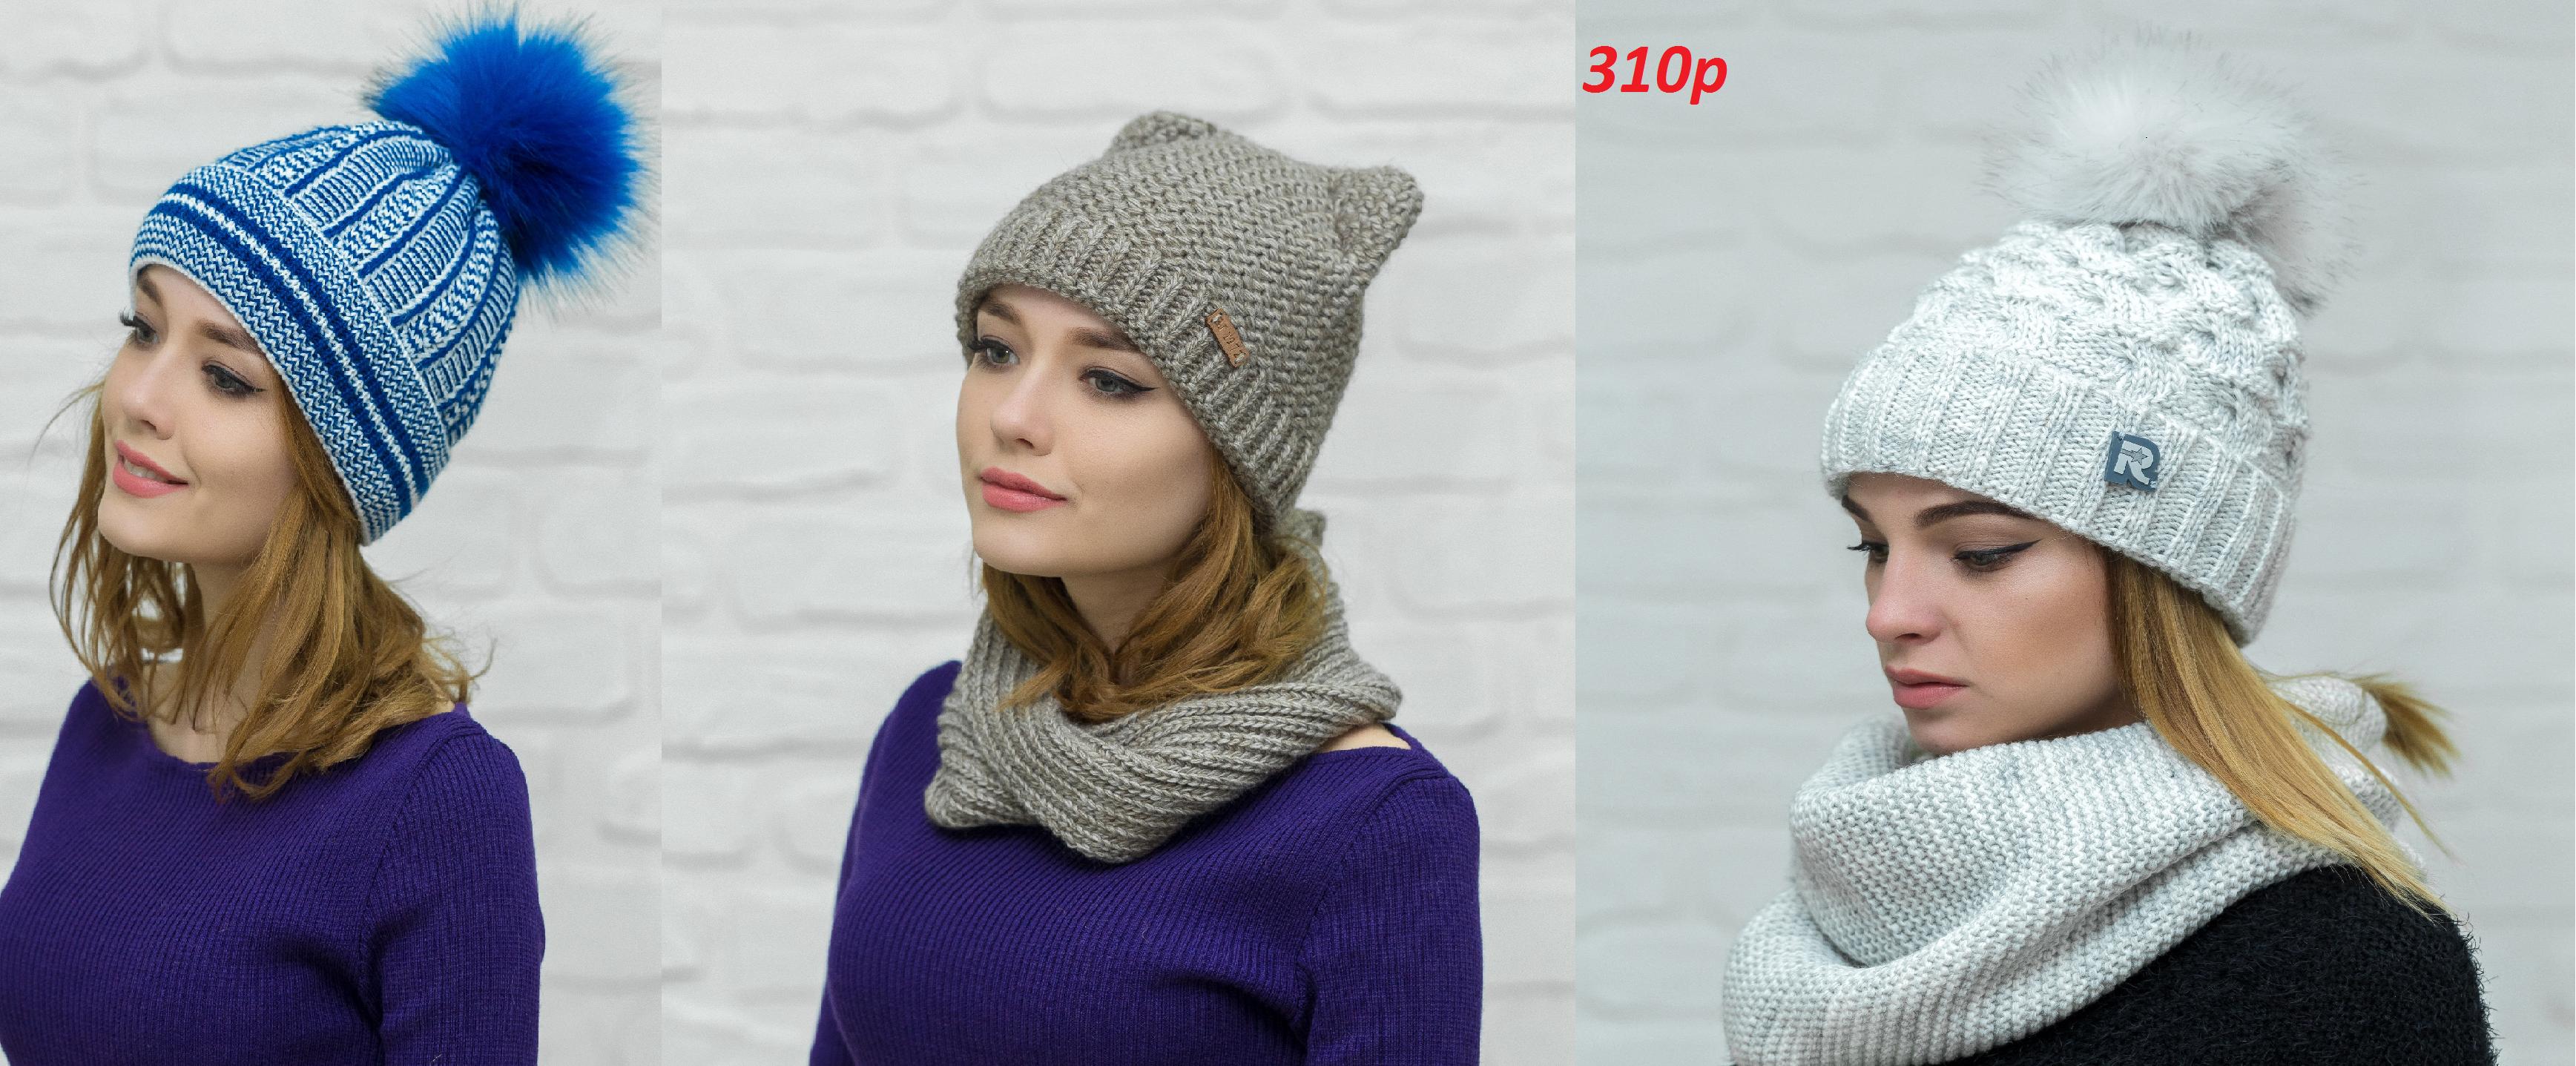 Женские шапки от компании RusRush.Цены доступные каждому.!Шапки самых разных стилей.Каждый найдет что то свое. Выкуп1